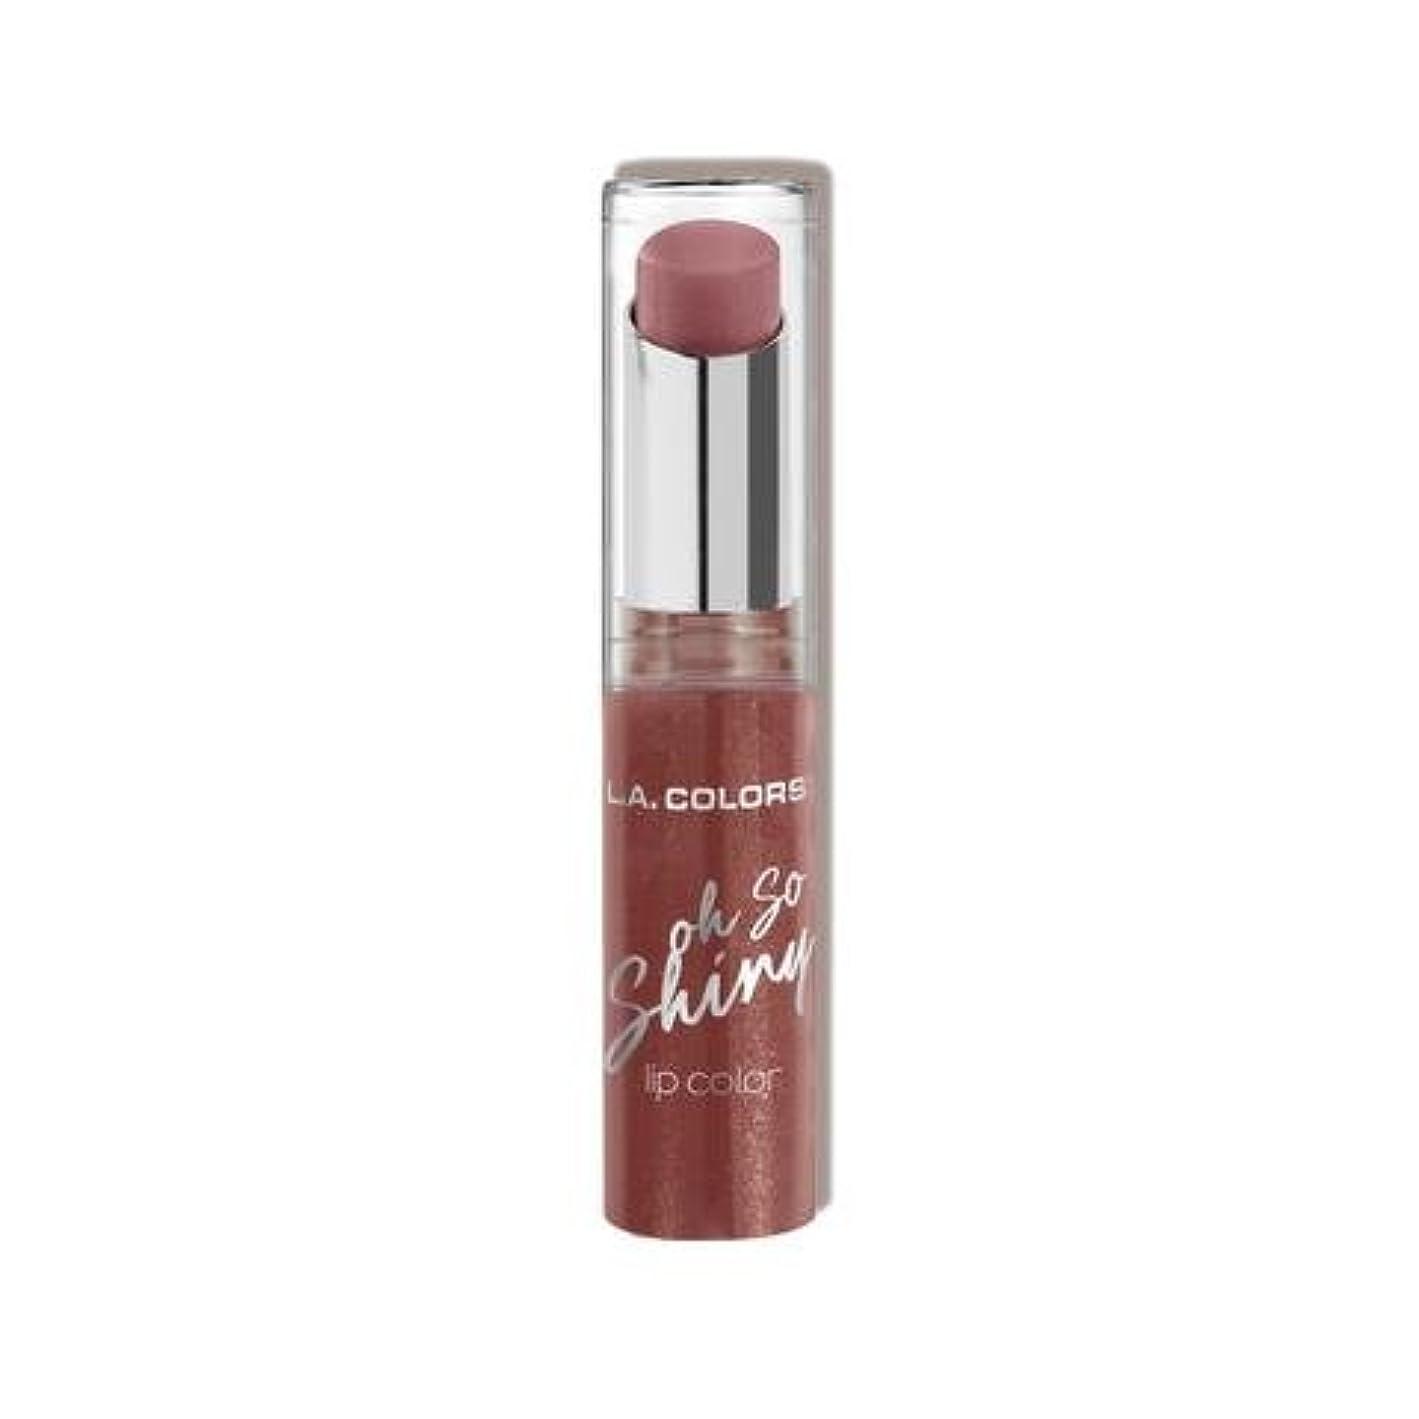 くぼみプレゼント凍結(6 Pack) L.A. COLORS Oh So Shiny Lip Color - Bare Bling (並行輸入品)